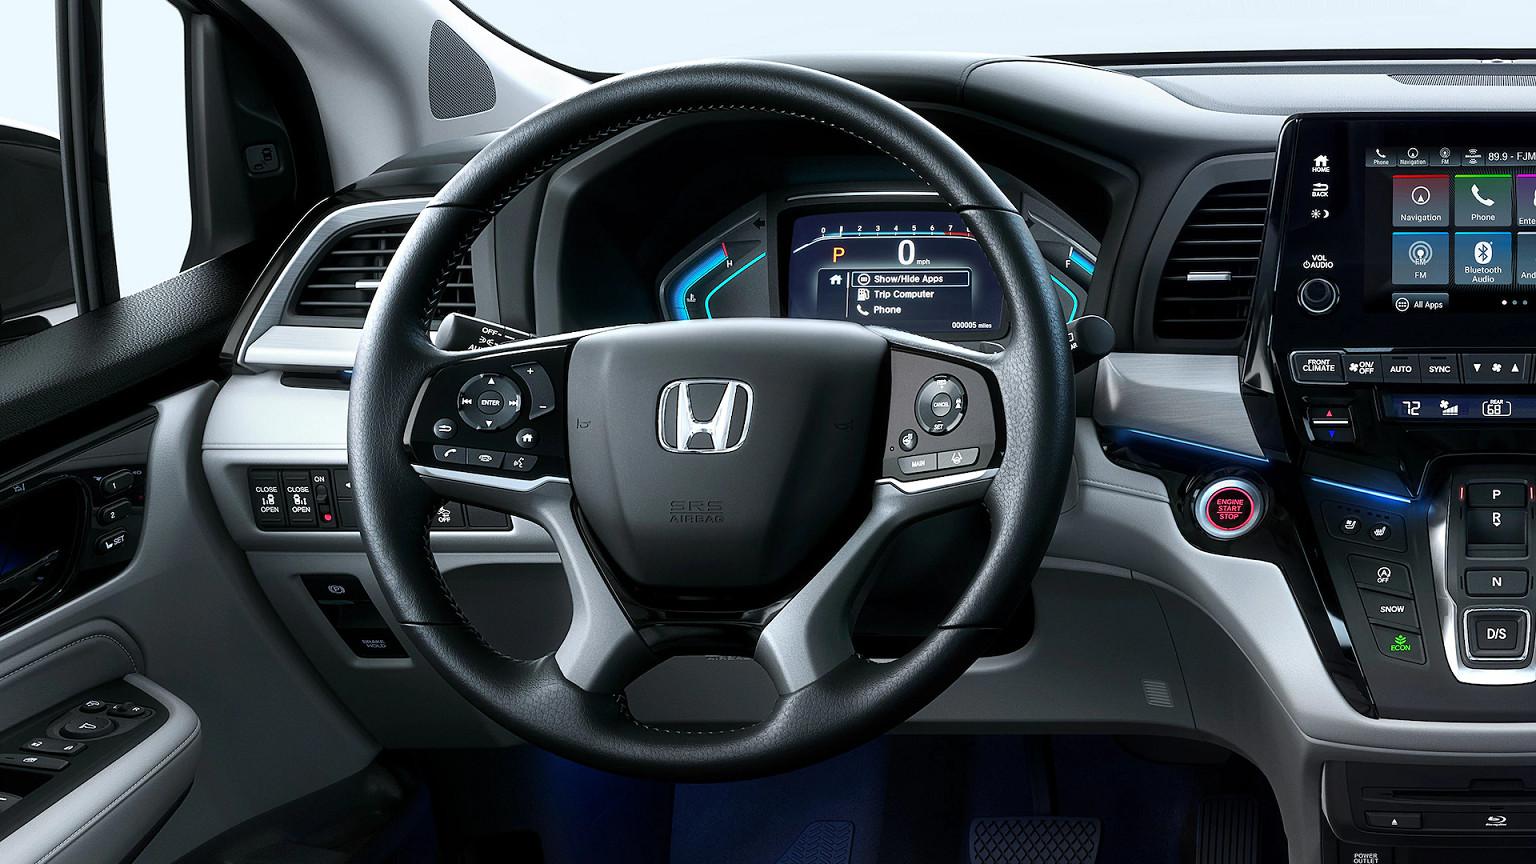 Steering Wheel of the 2020 Honda Odyssey